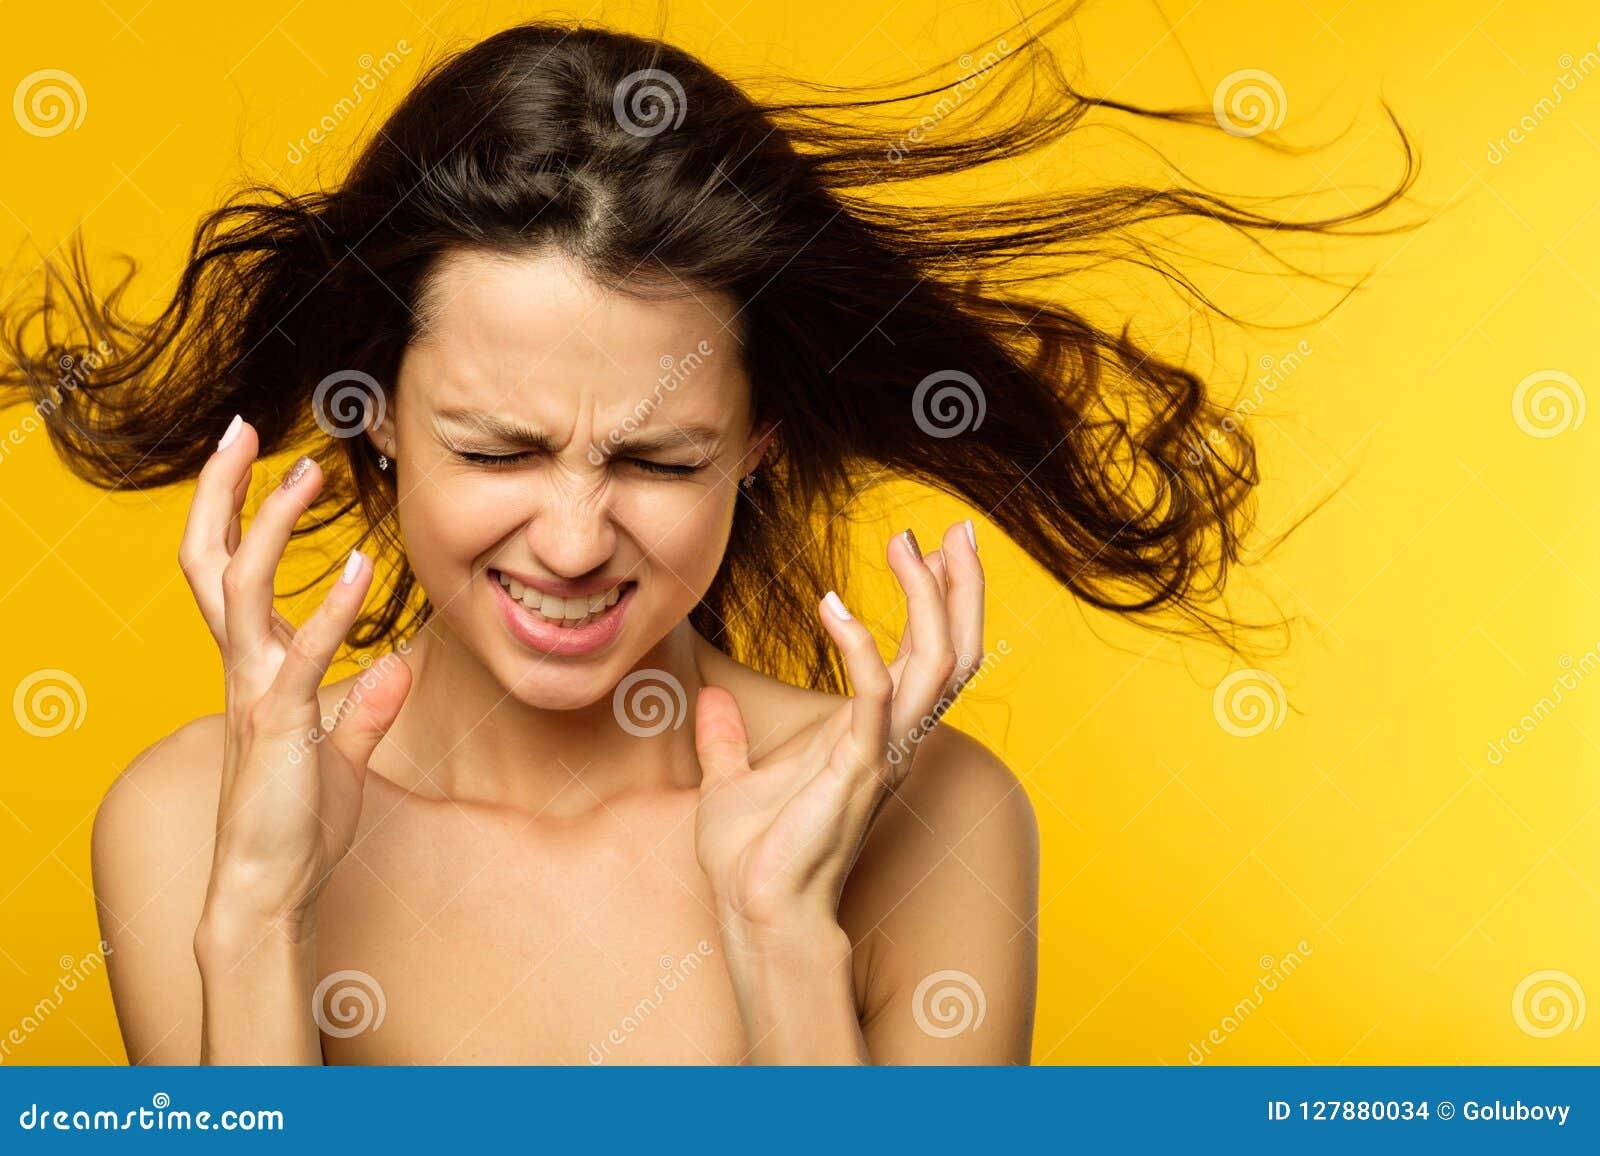 重音神经衰弱恼怒的妇女困厄